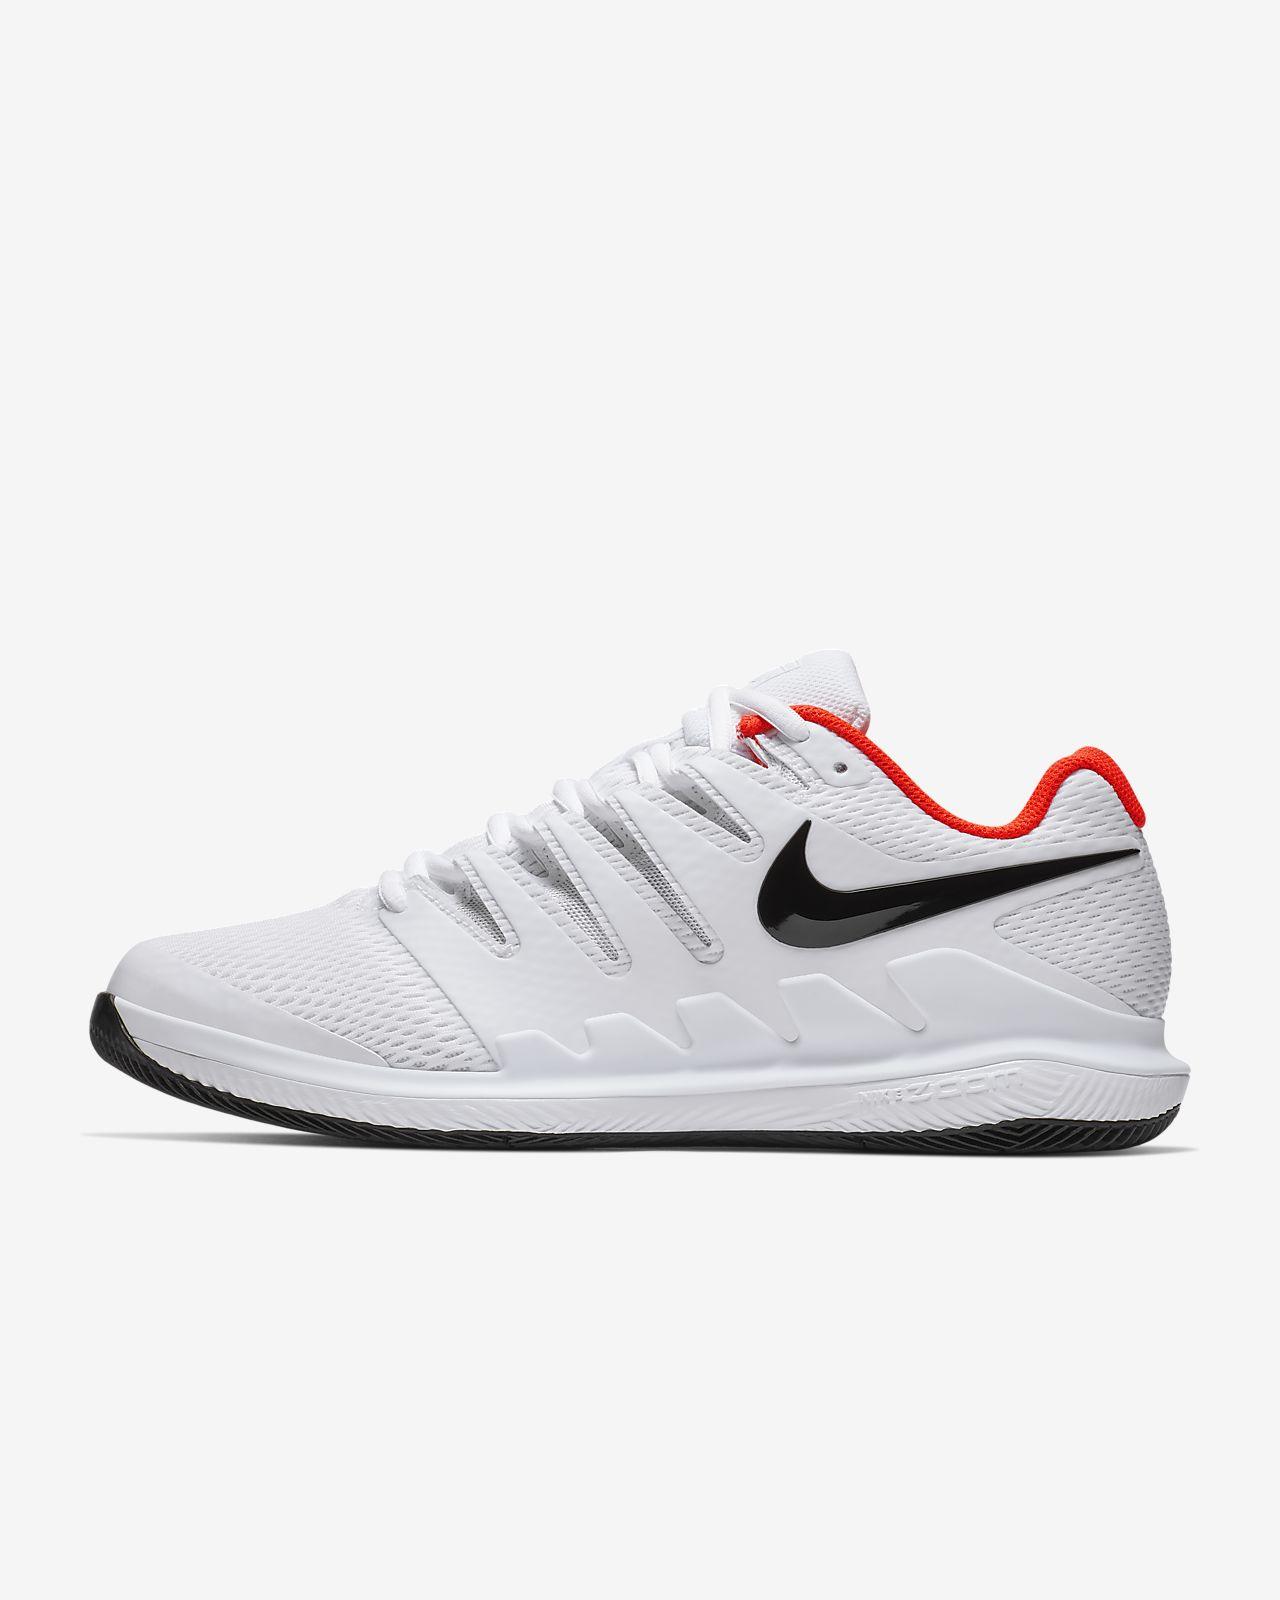 newest 08b58 74b76 ... Chaussure de tennis pour surface dure NikeCourt Air Zoom Vapor X pour  Homme